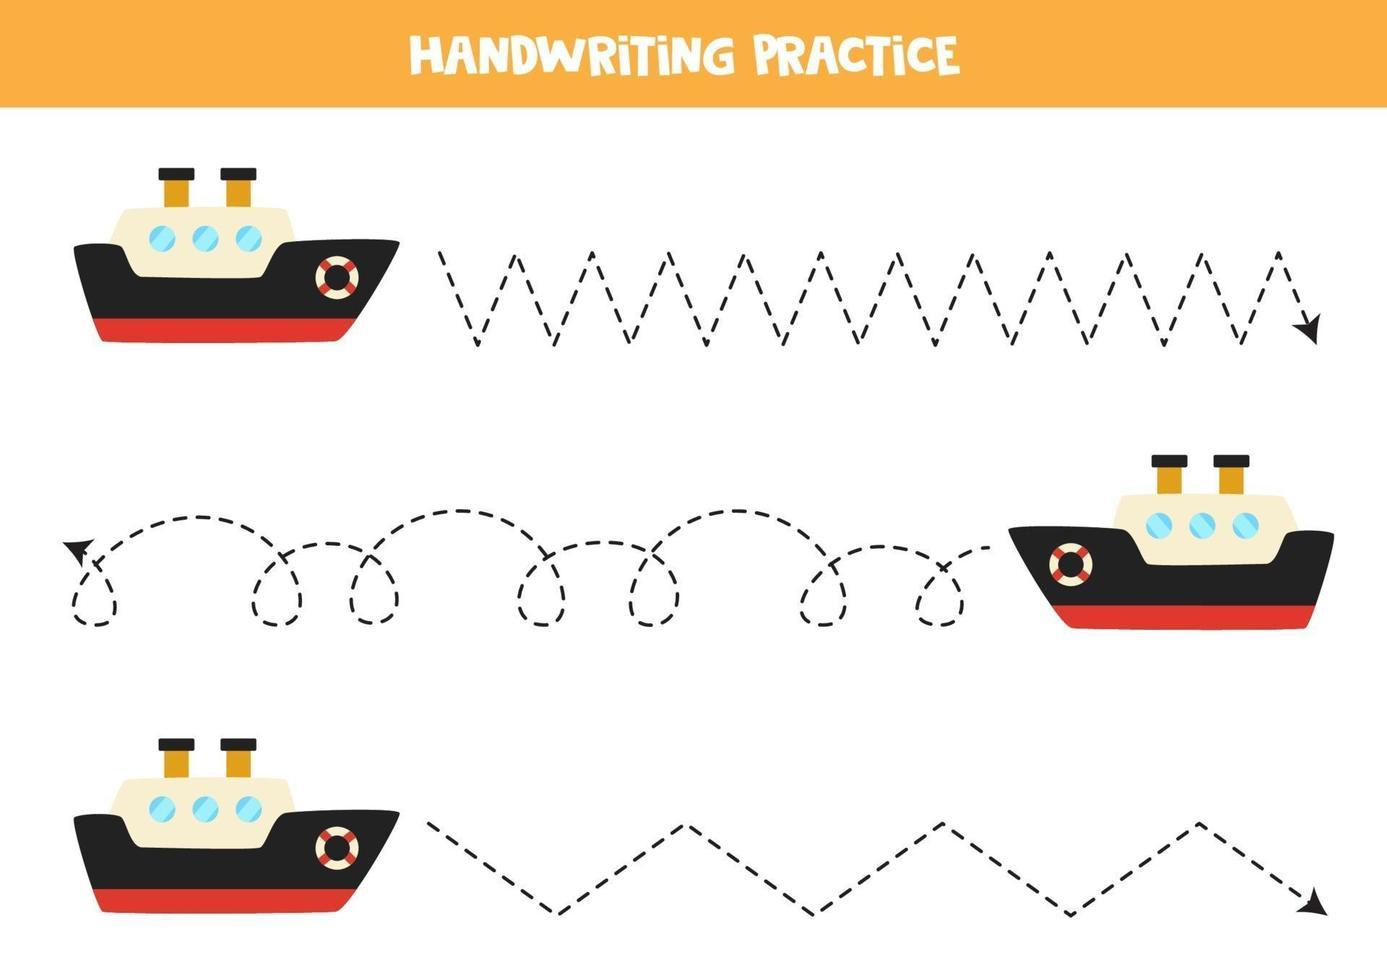 traccia le linee con la nave dei cartoni animati. Pratica di scrittura. vettore